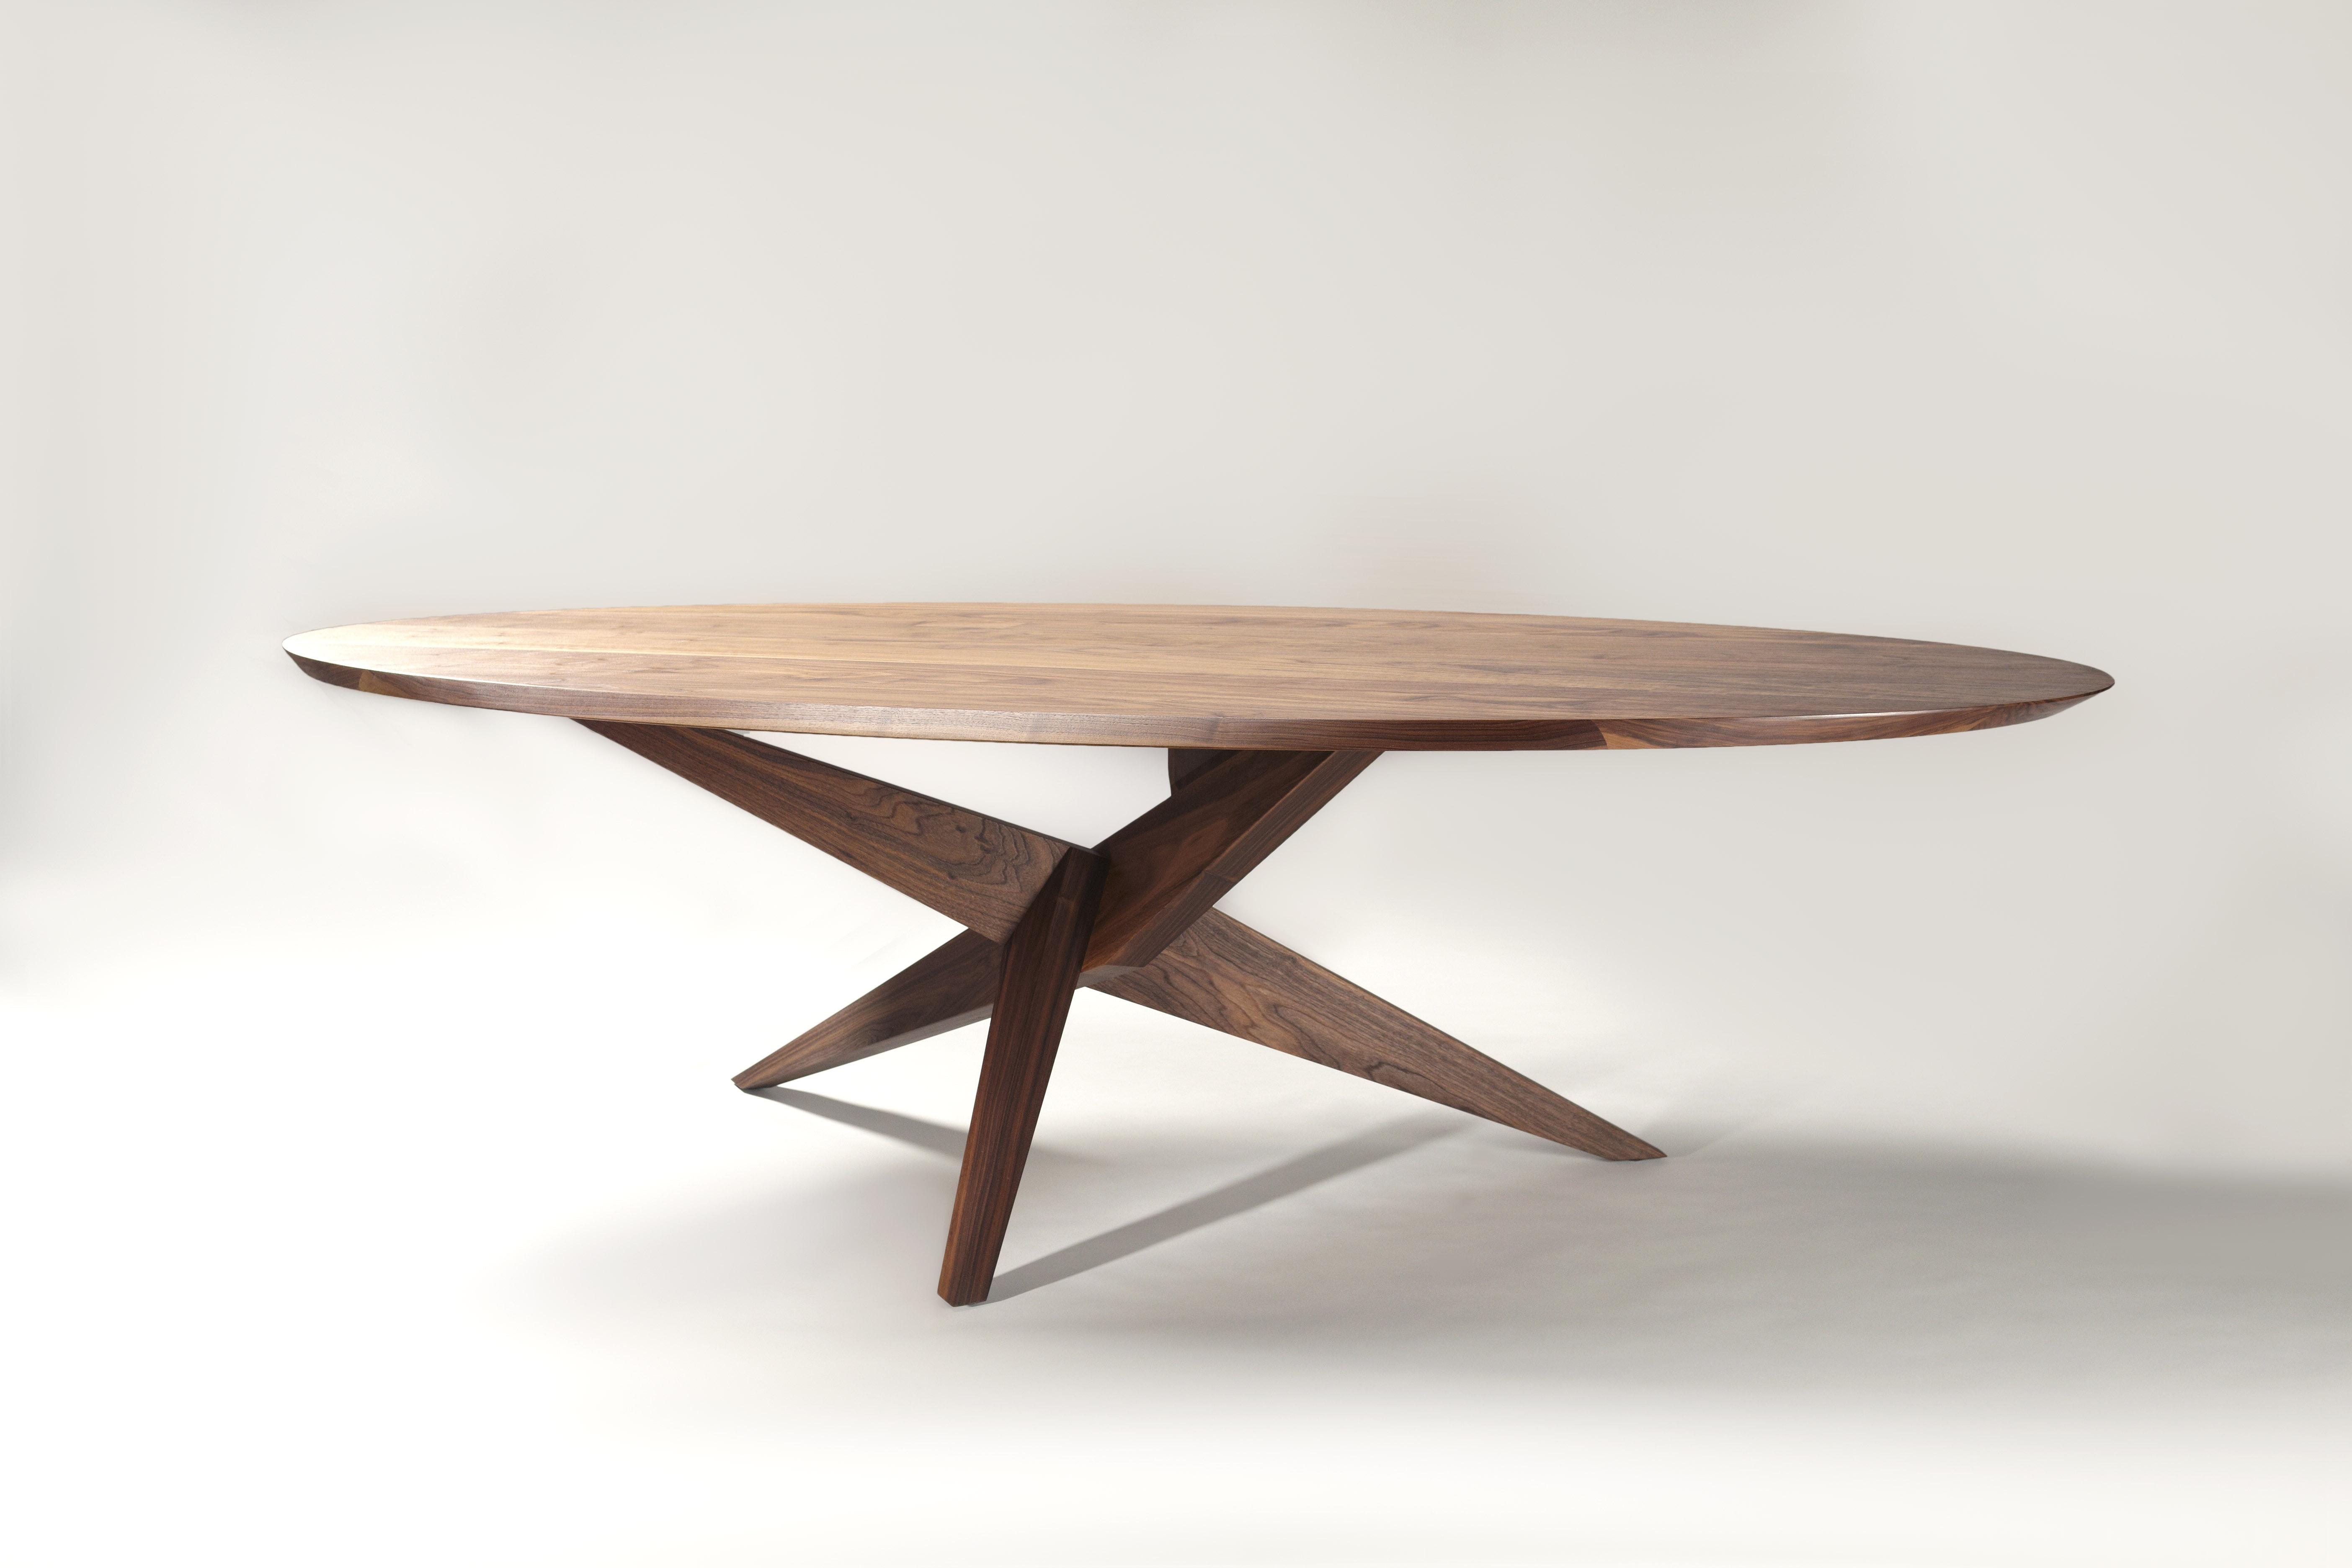 B Table 1 John Ford Haute Living